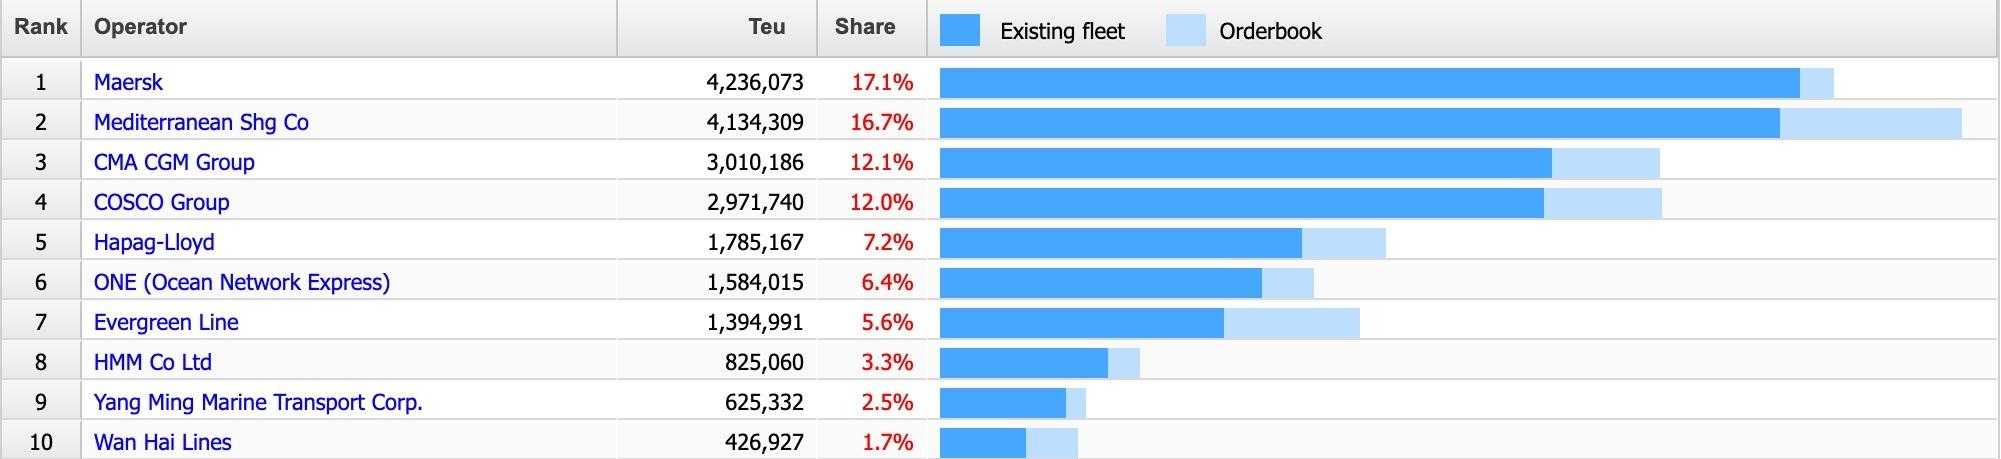 Las diez navieras más importantes del mundo superan los 23.600 millones de euros de beneficios